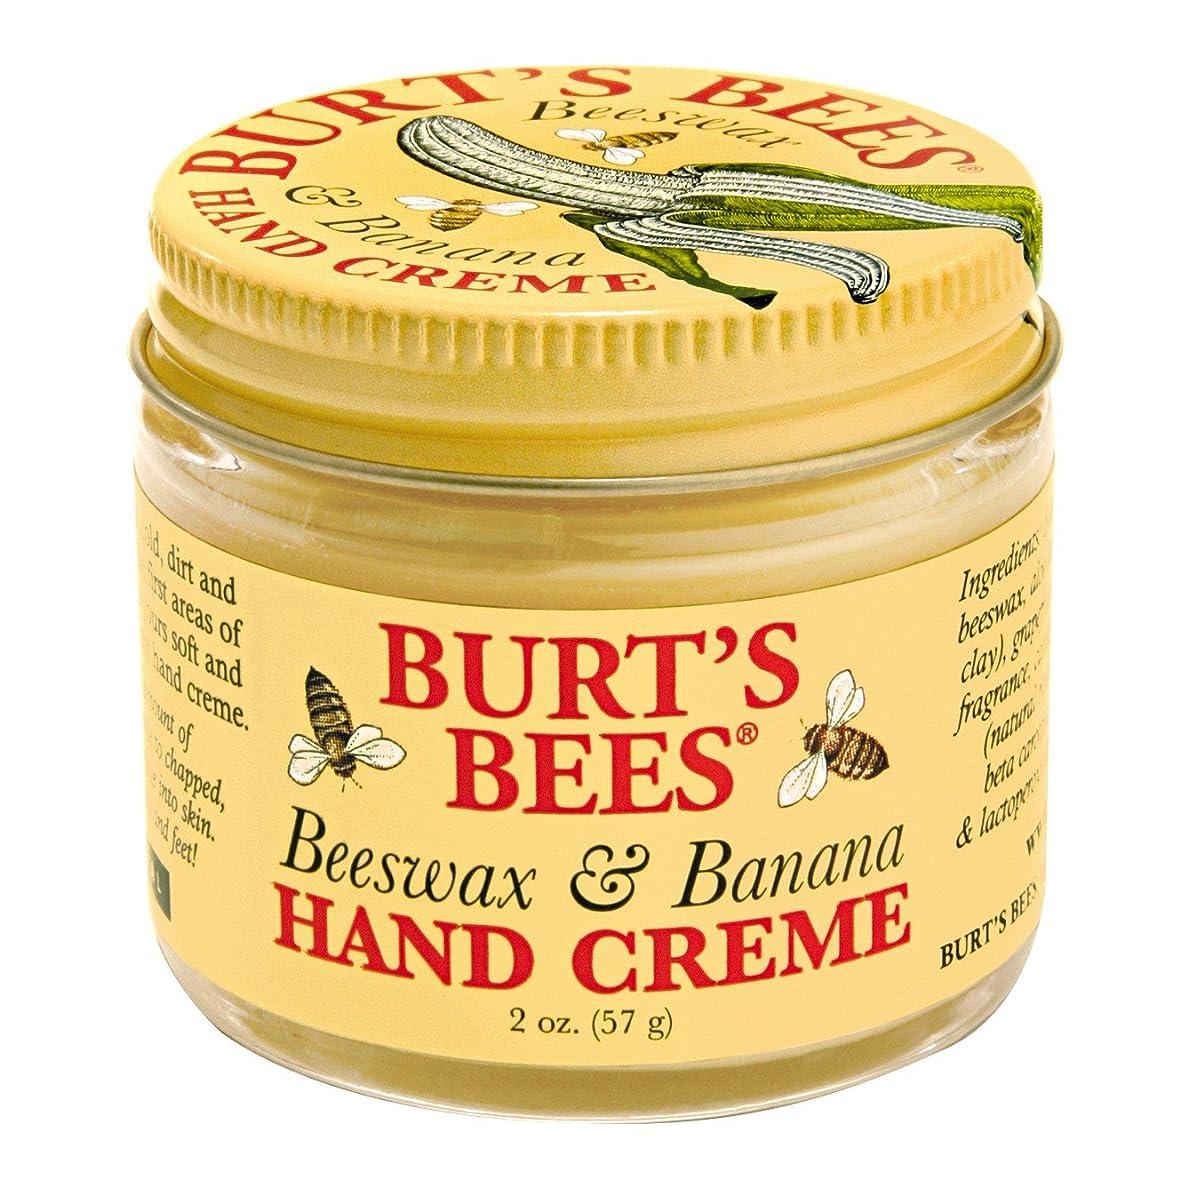 不幸小康おバーツビーの蜜蝋&バナナハンドクリーム57グラム (Burt's Bees) - Burt's Bees Beeswax & Banana Hand Creme 57g [並行輸入品]